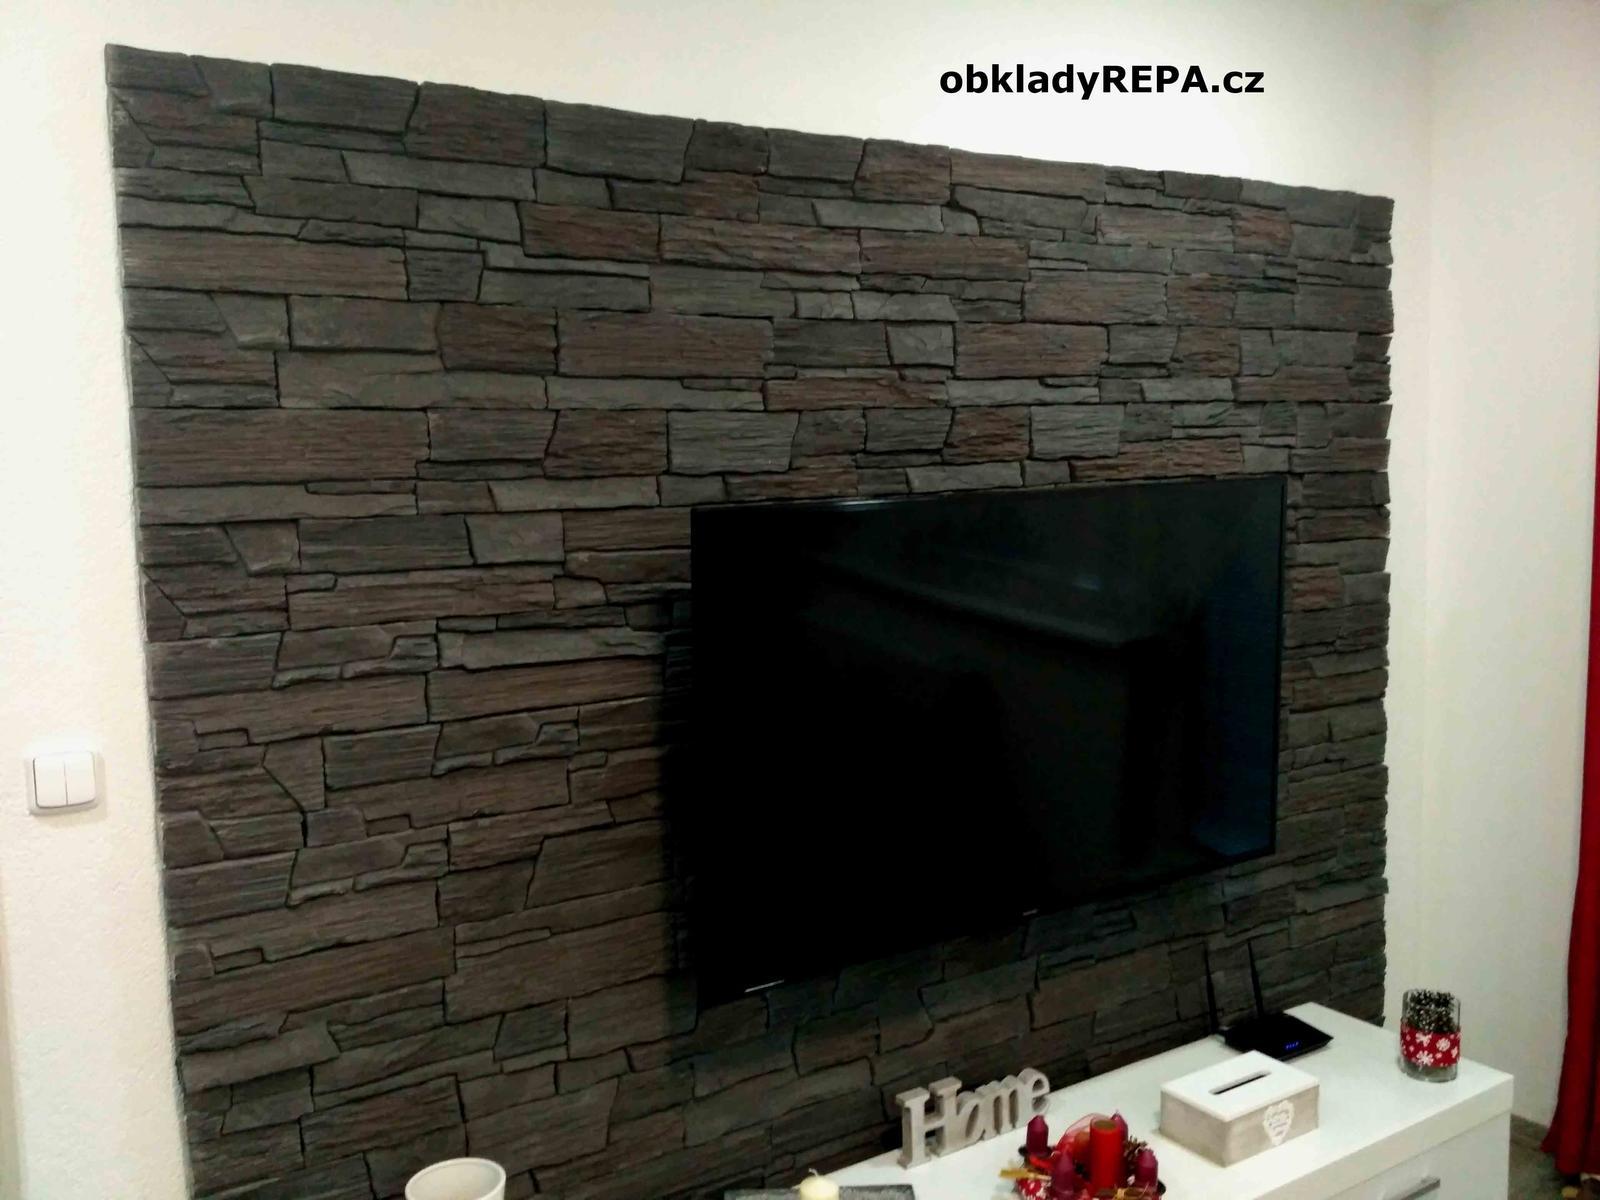 obkladyrepa - Televizní stěna obložená kamenem.